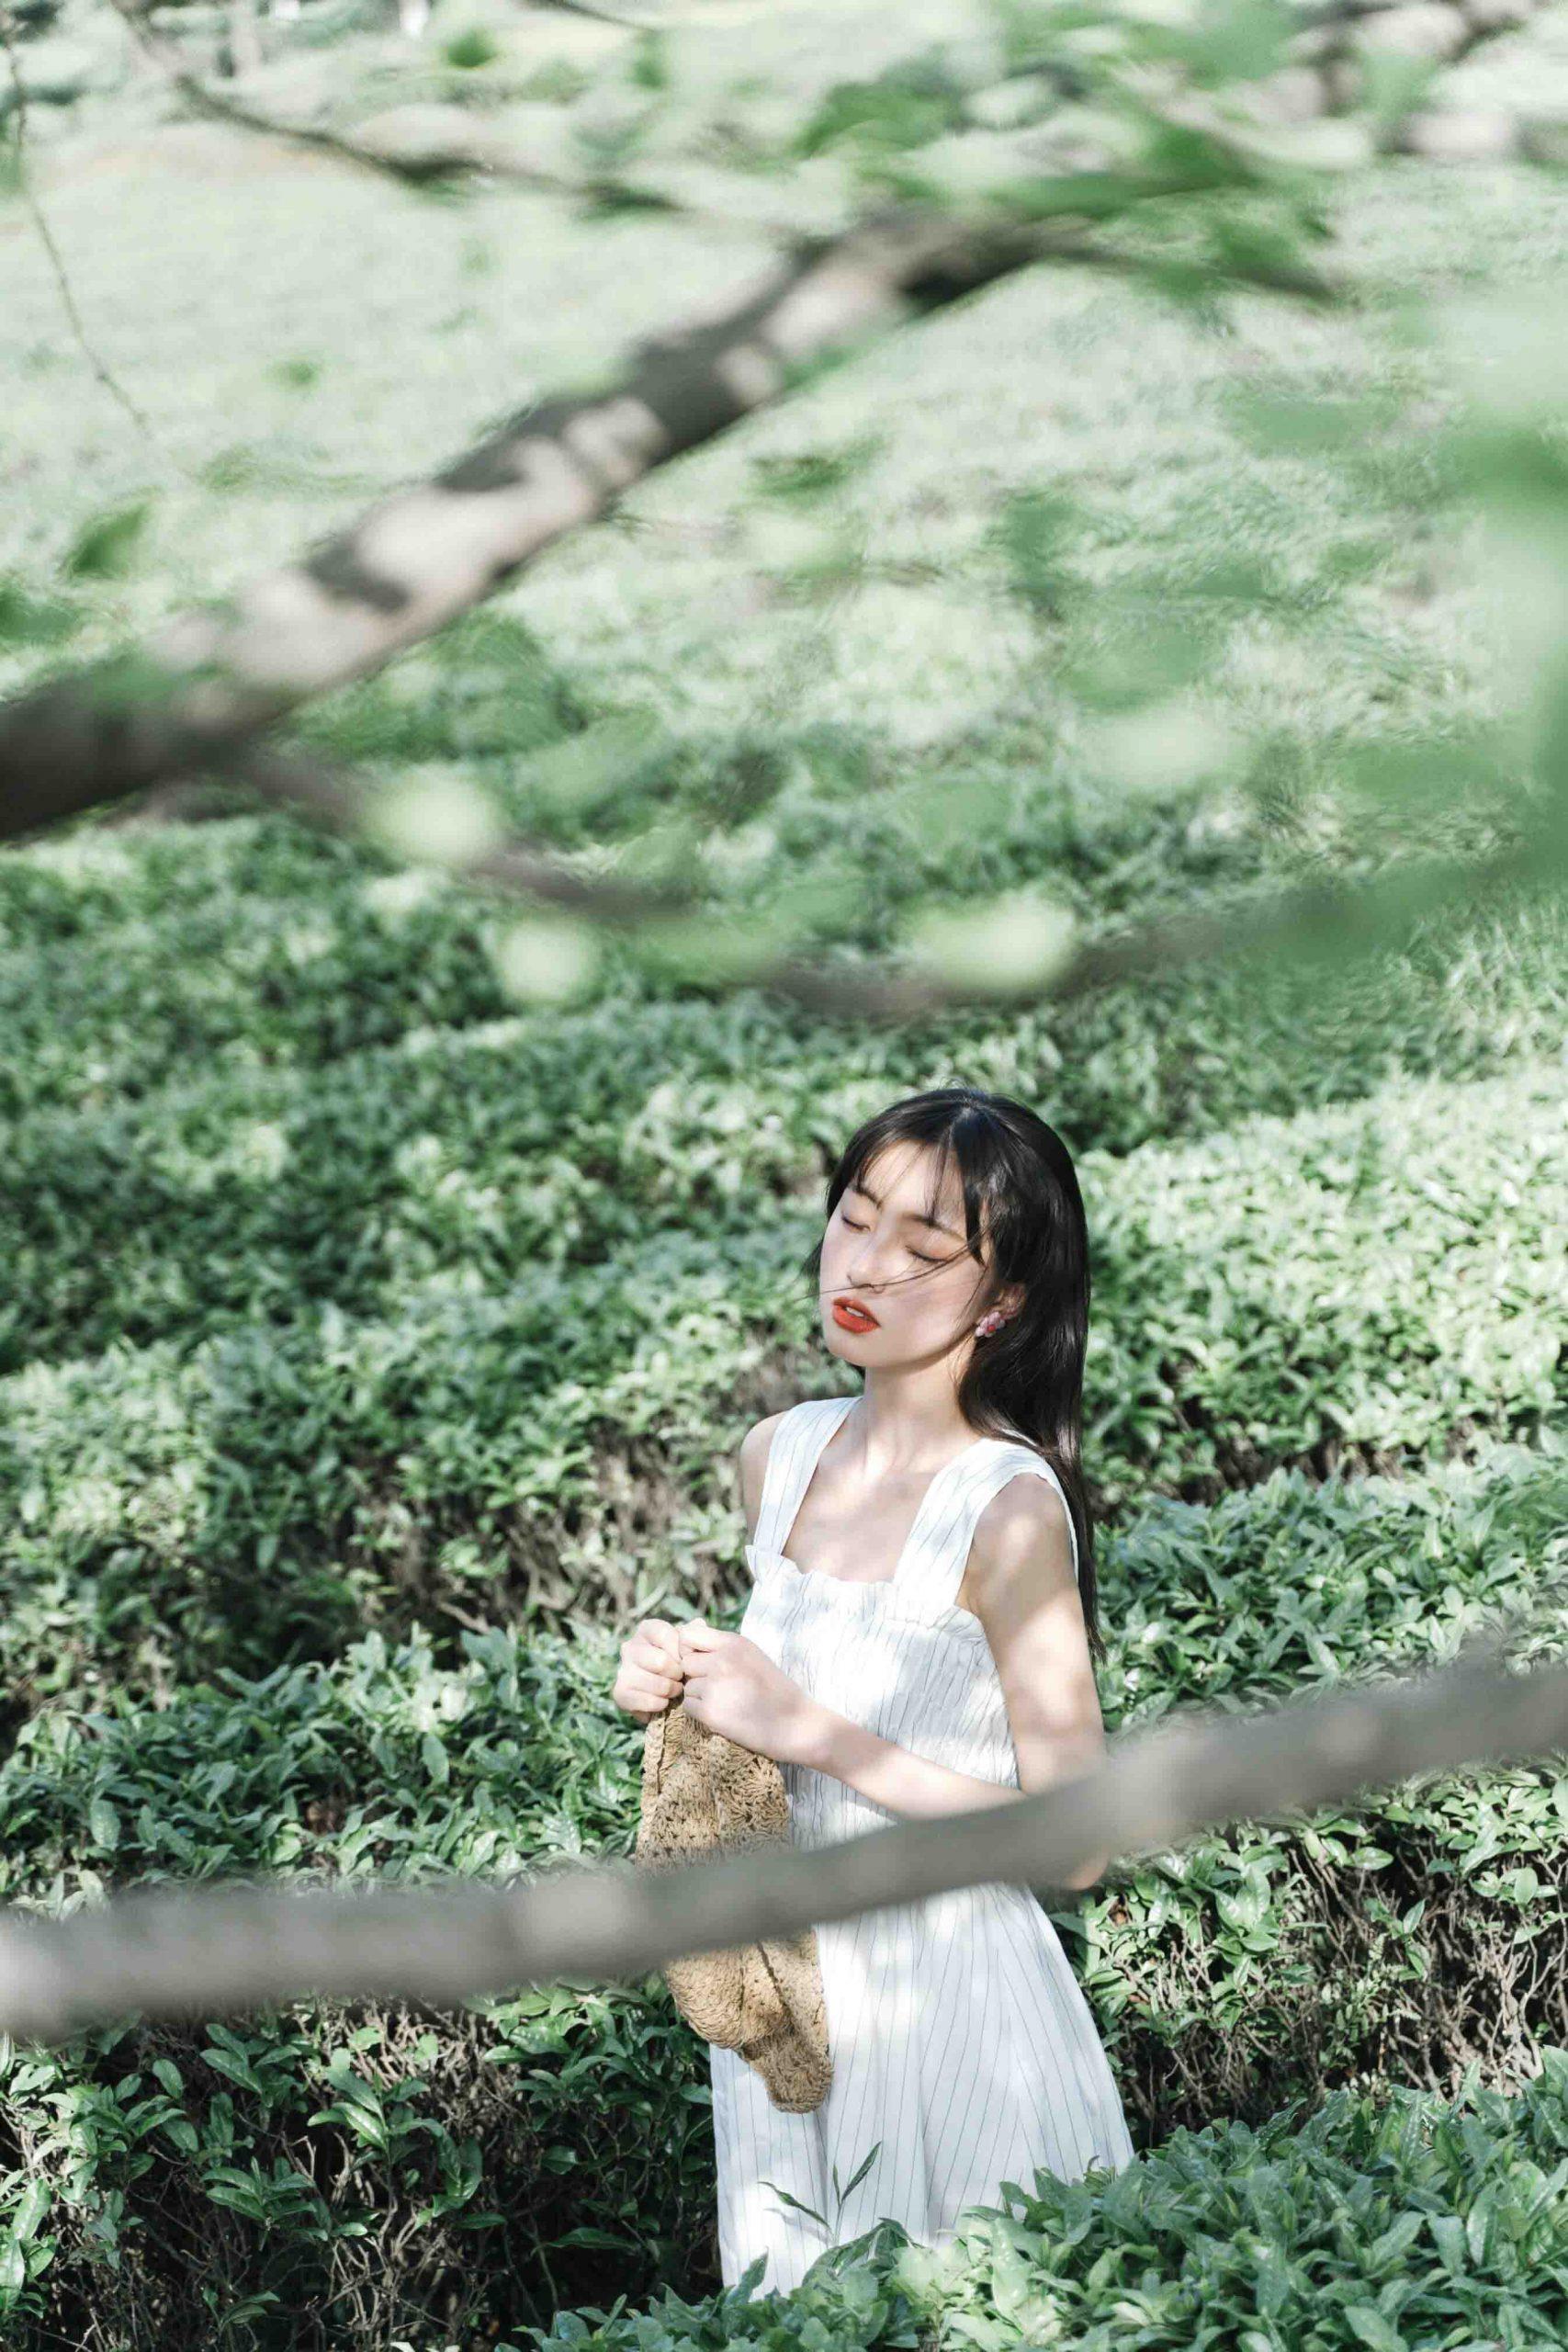 cung hoàng đạo cô gái váy trắng đứng giữa cánh đồng